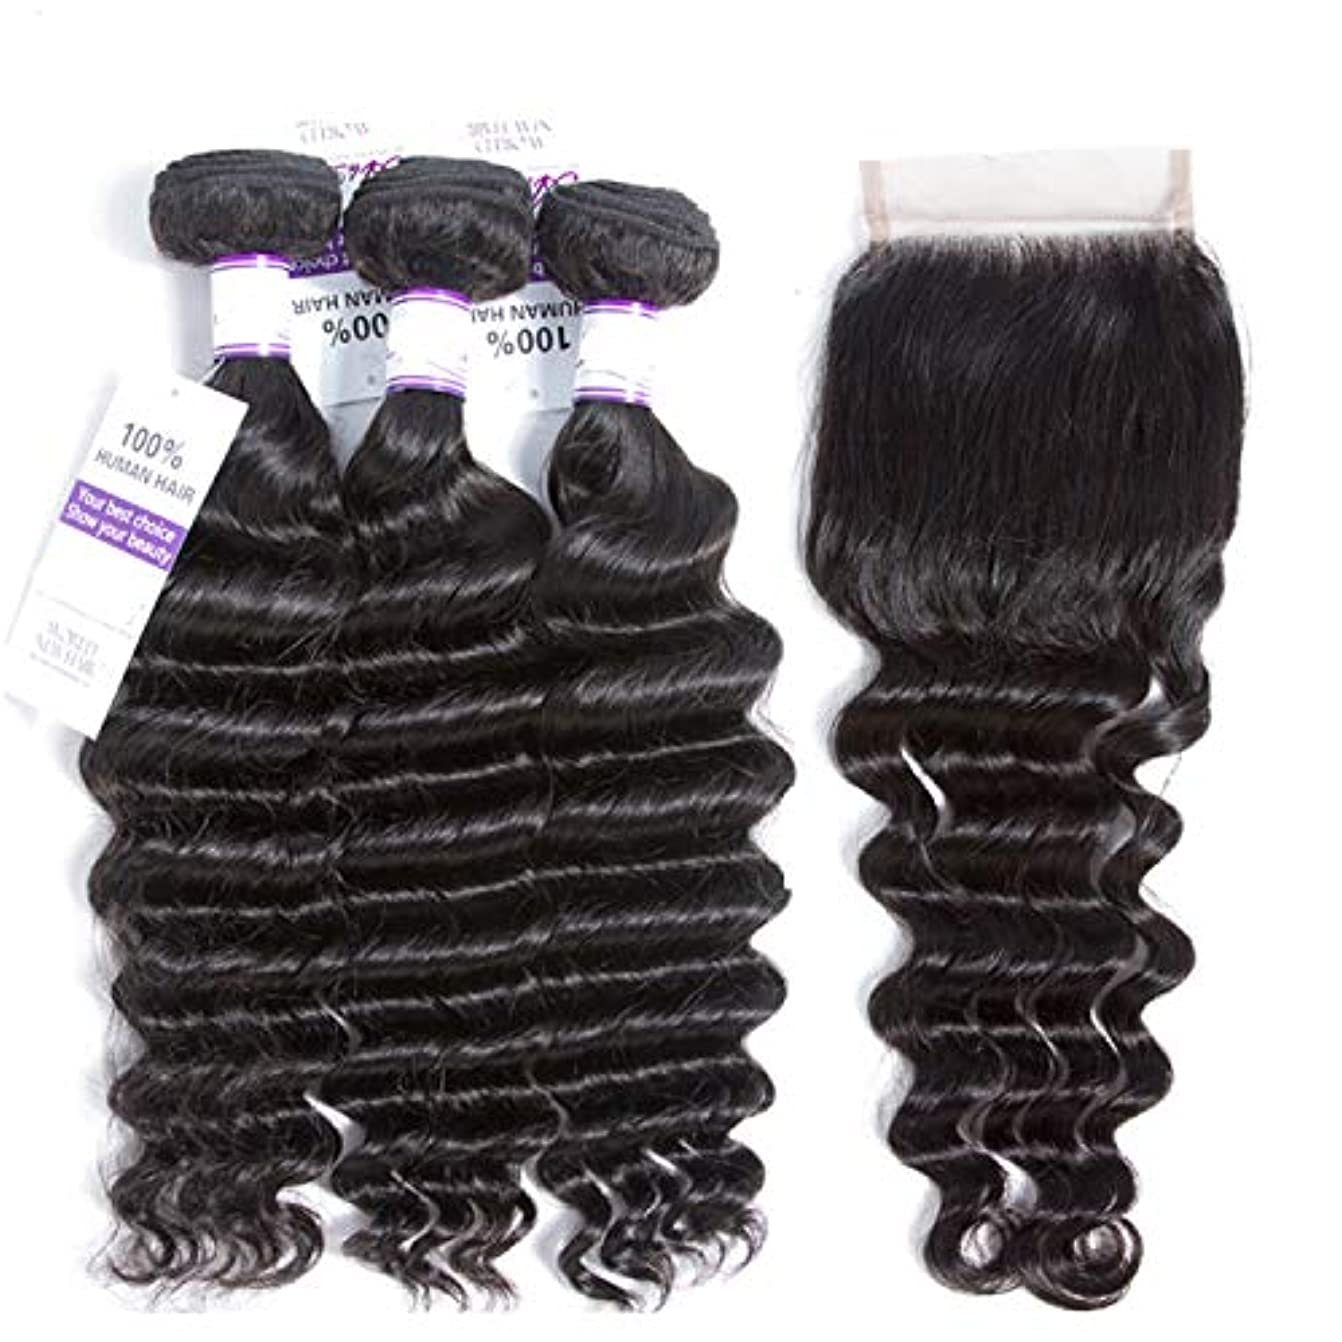 どれかホイストどれ緩い深い波3バンドルで4 * 4閉鎖ブラジル髪織りバンドル非レミー100%人毛エクステンション かつら (Length : 24 26 26Cl20, Part Design : FREE PART)